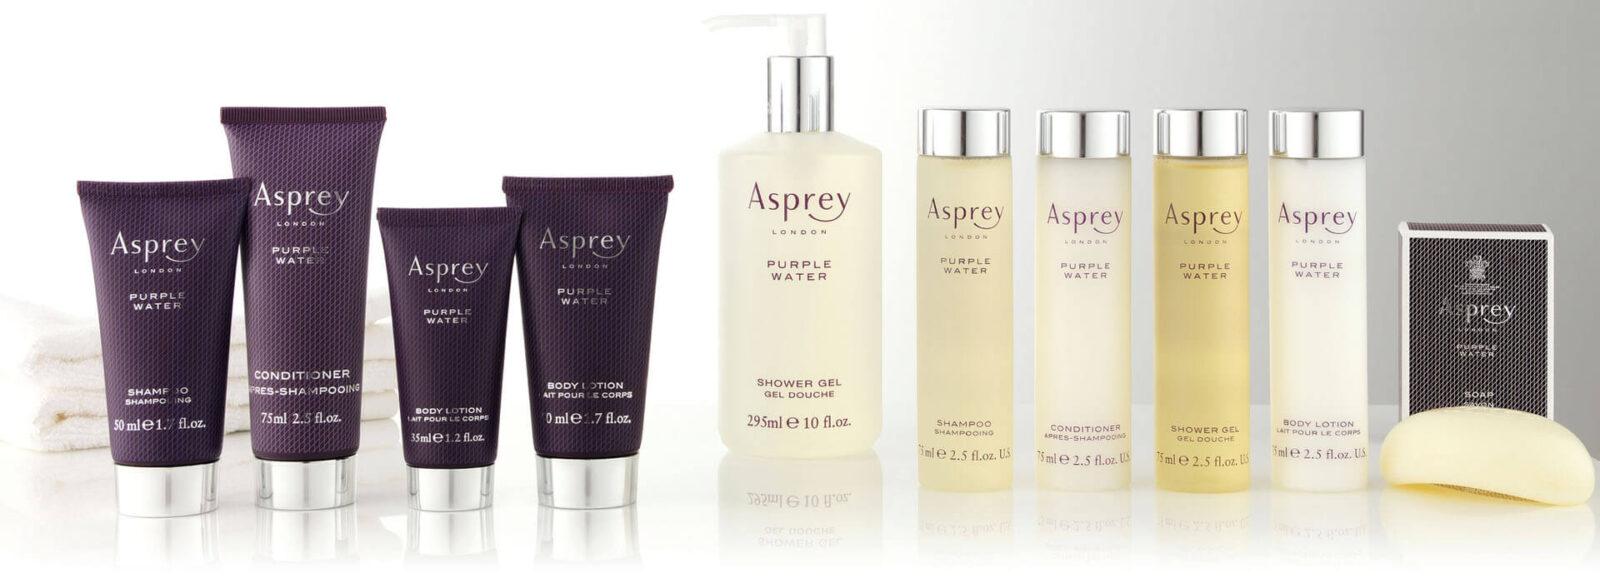 Asprey косметика для гостиниц и отелей